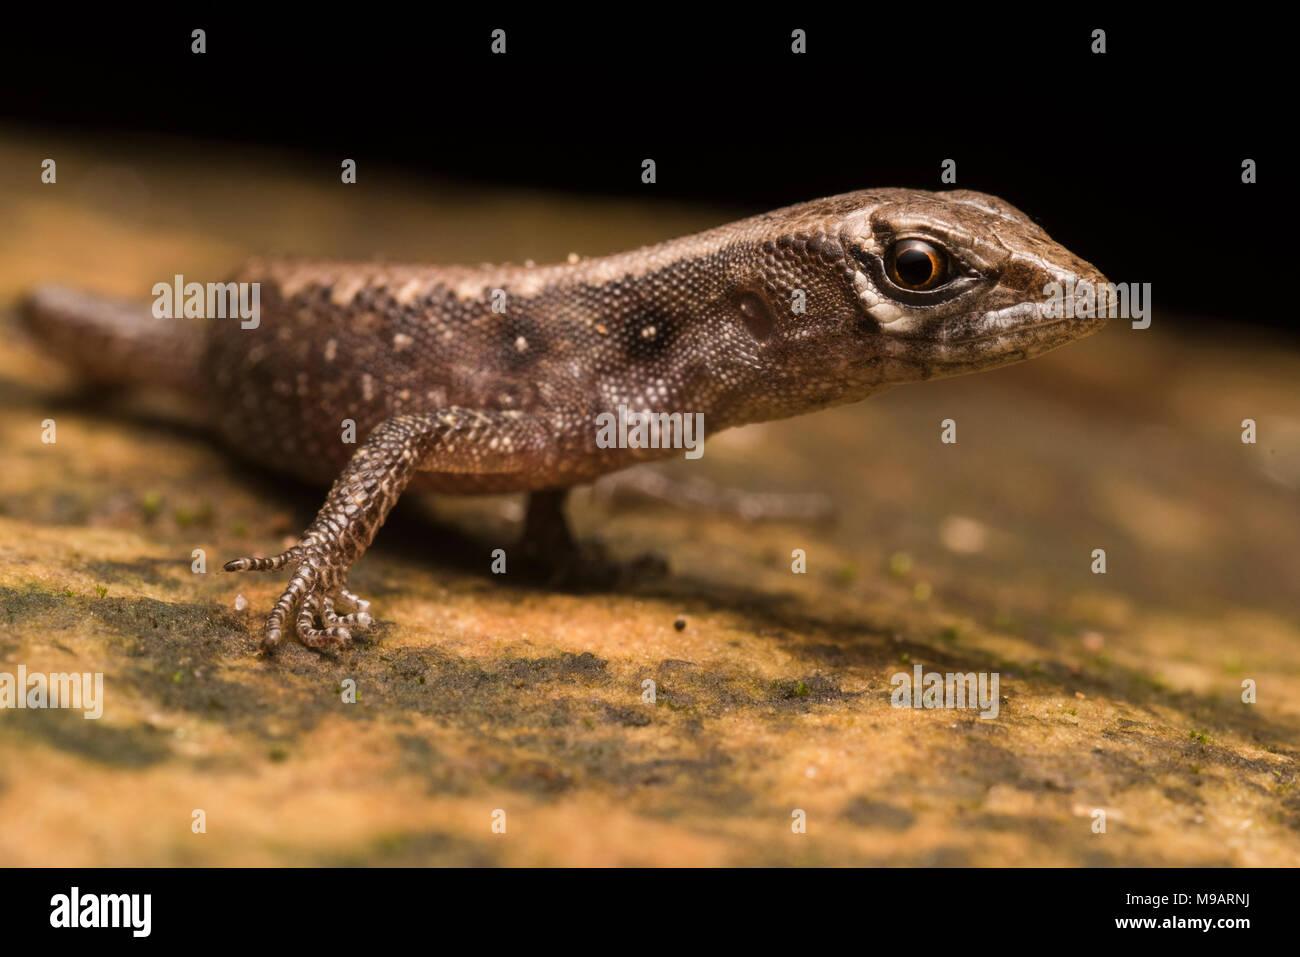 Grande échelle (Potamites neusticurus strangulatus) du Pérou, ce lézard aquatique semi est secret et rarement vu. Celui-ci est un mineur. Banque D'Images